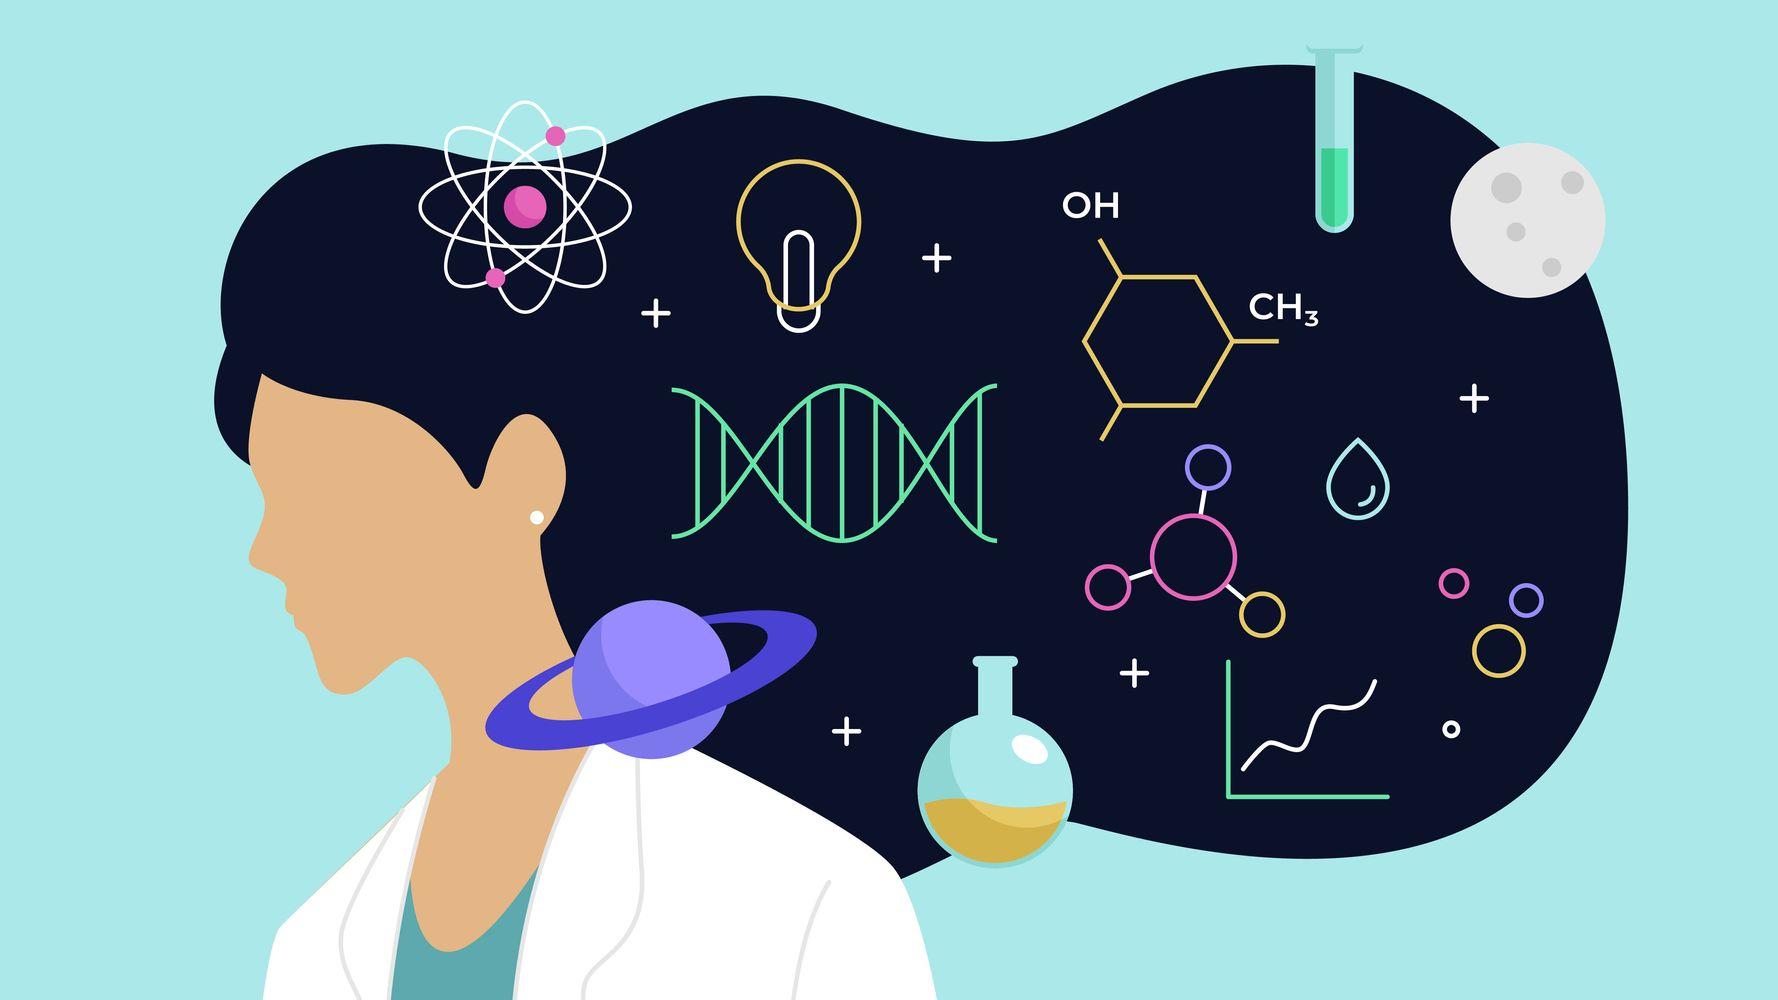 Fêtons les femmes de science en cette journée internationale qui leur est réservée - BLOG - Le HuffPost